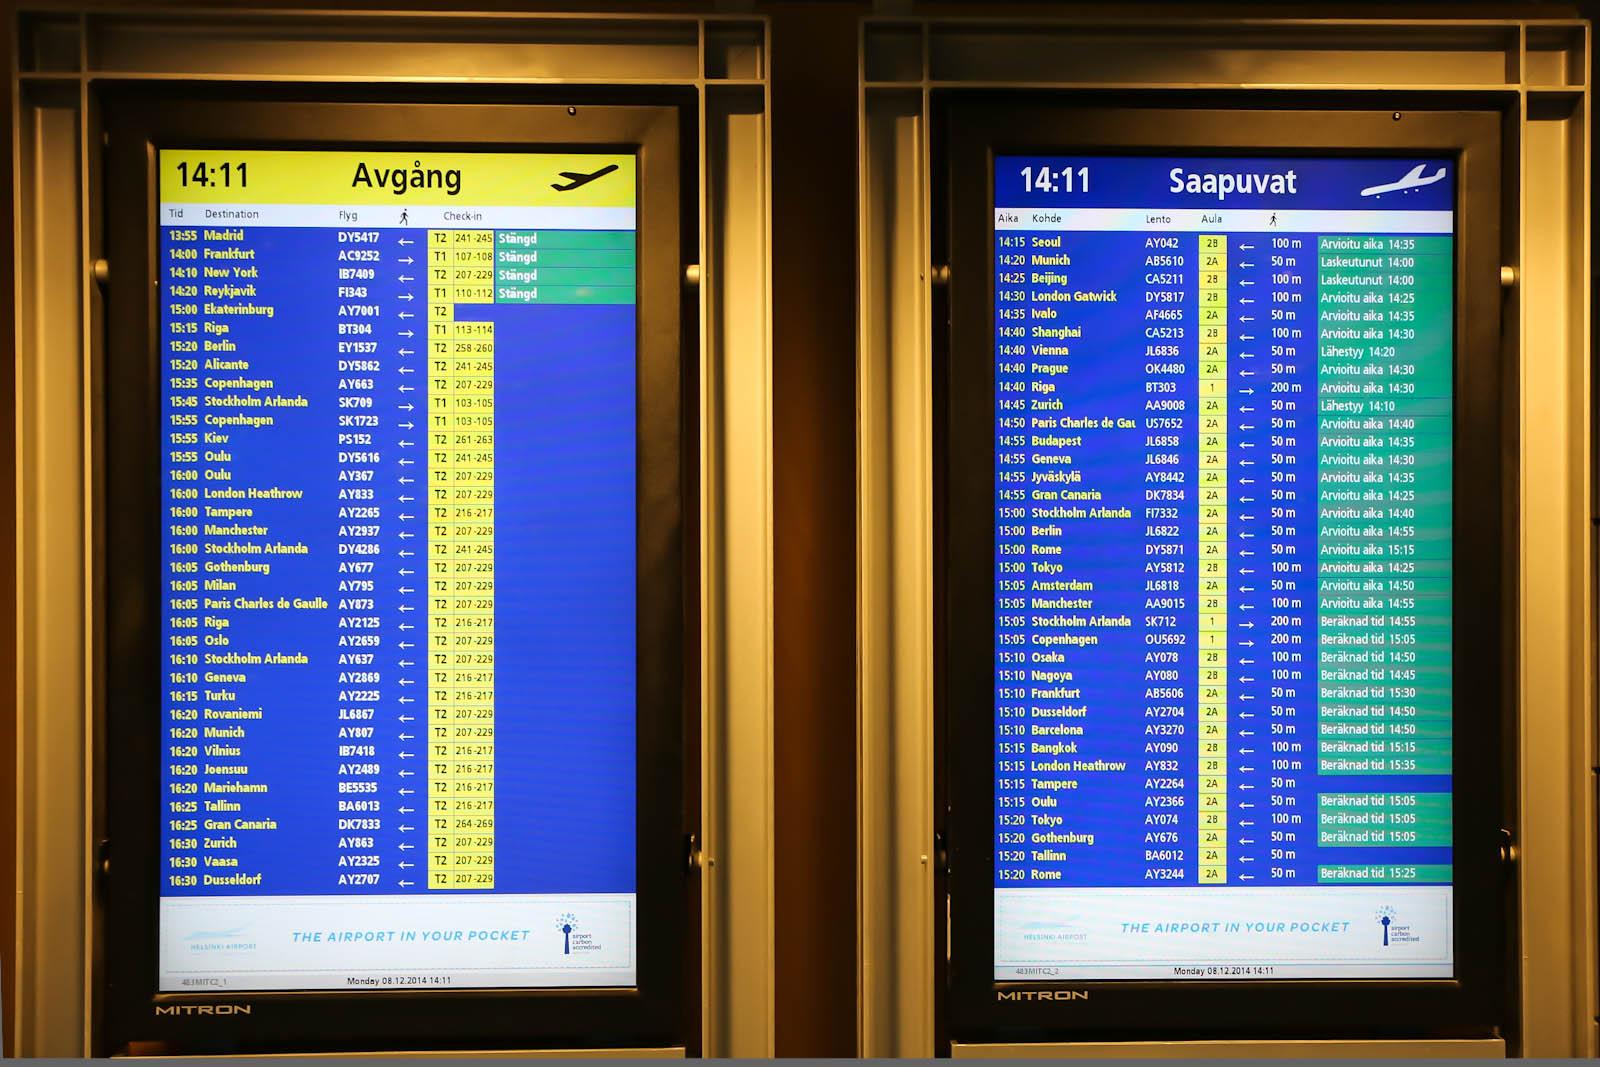 Табло вылетов и прилетов т в аэропорту Хельсинки